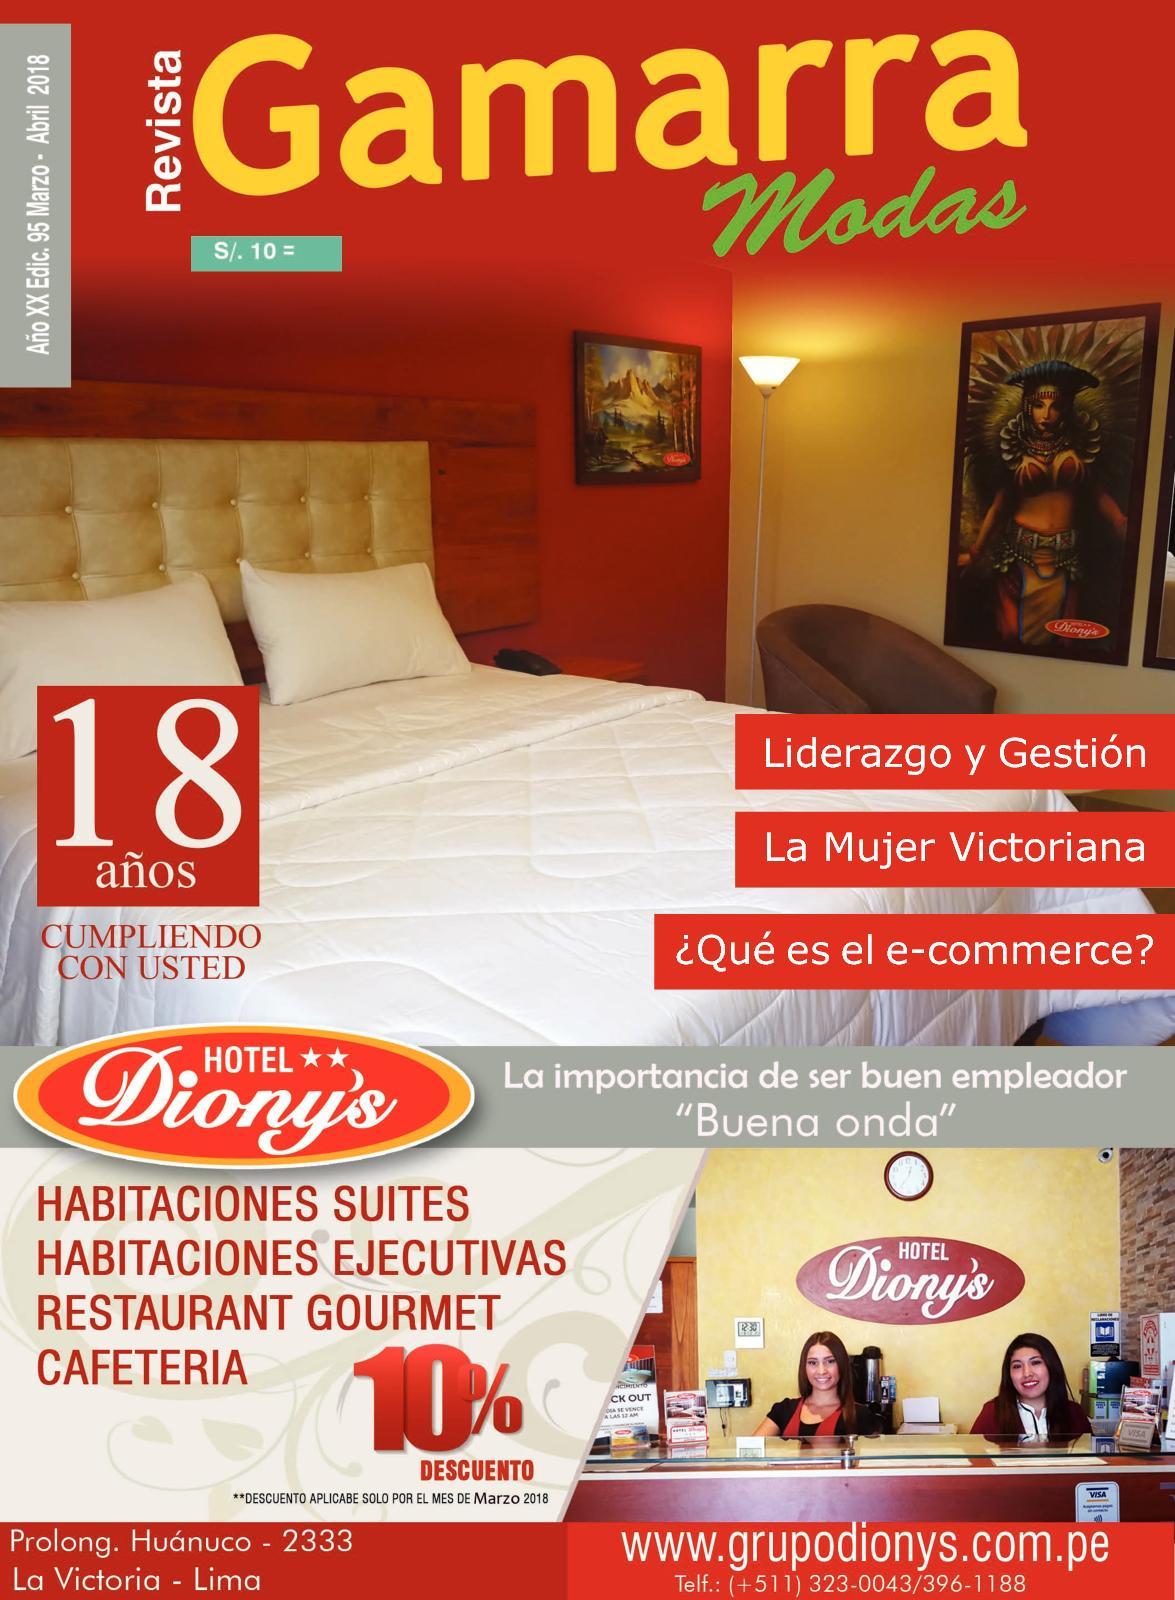 7592563b3cc7 Calaméo - Revista Gamarra Modas - Edición 95